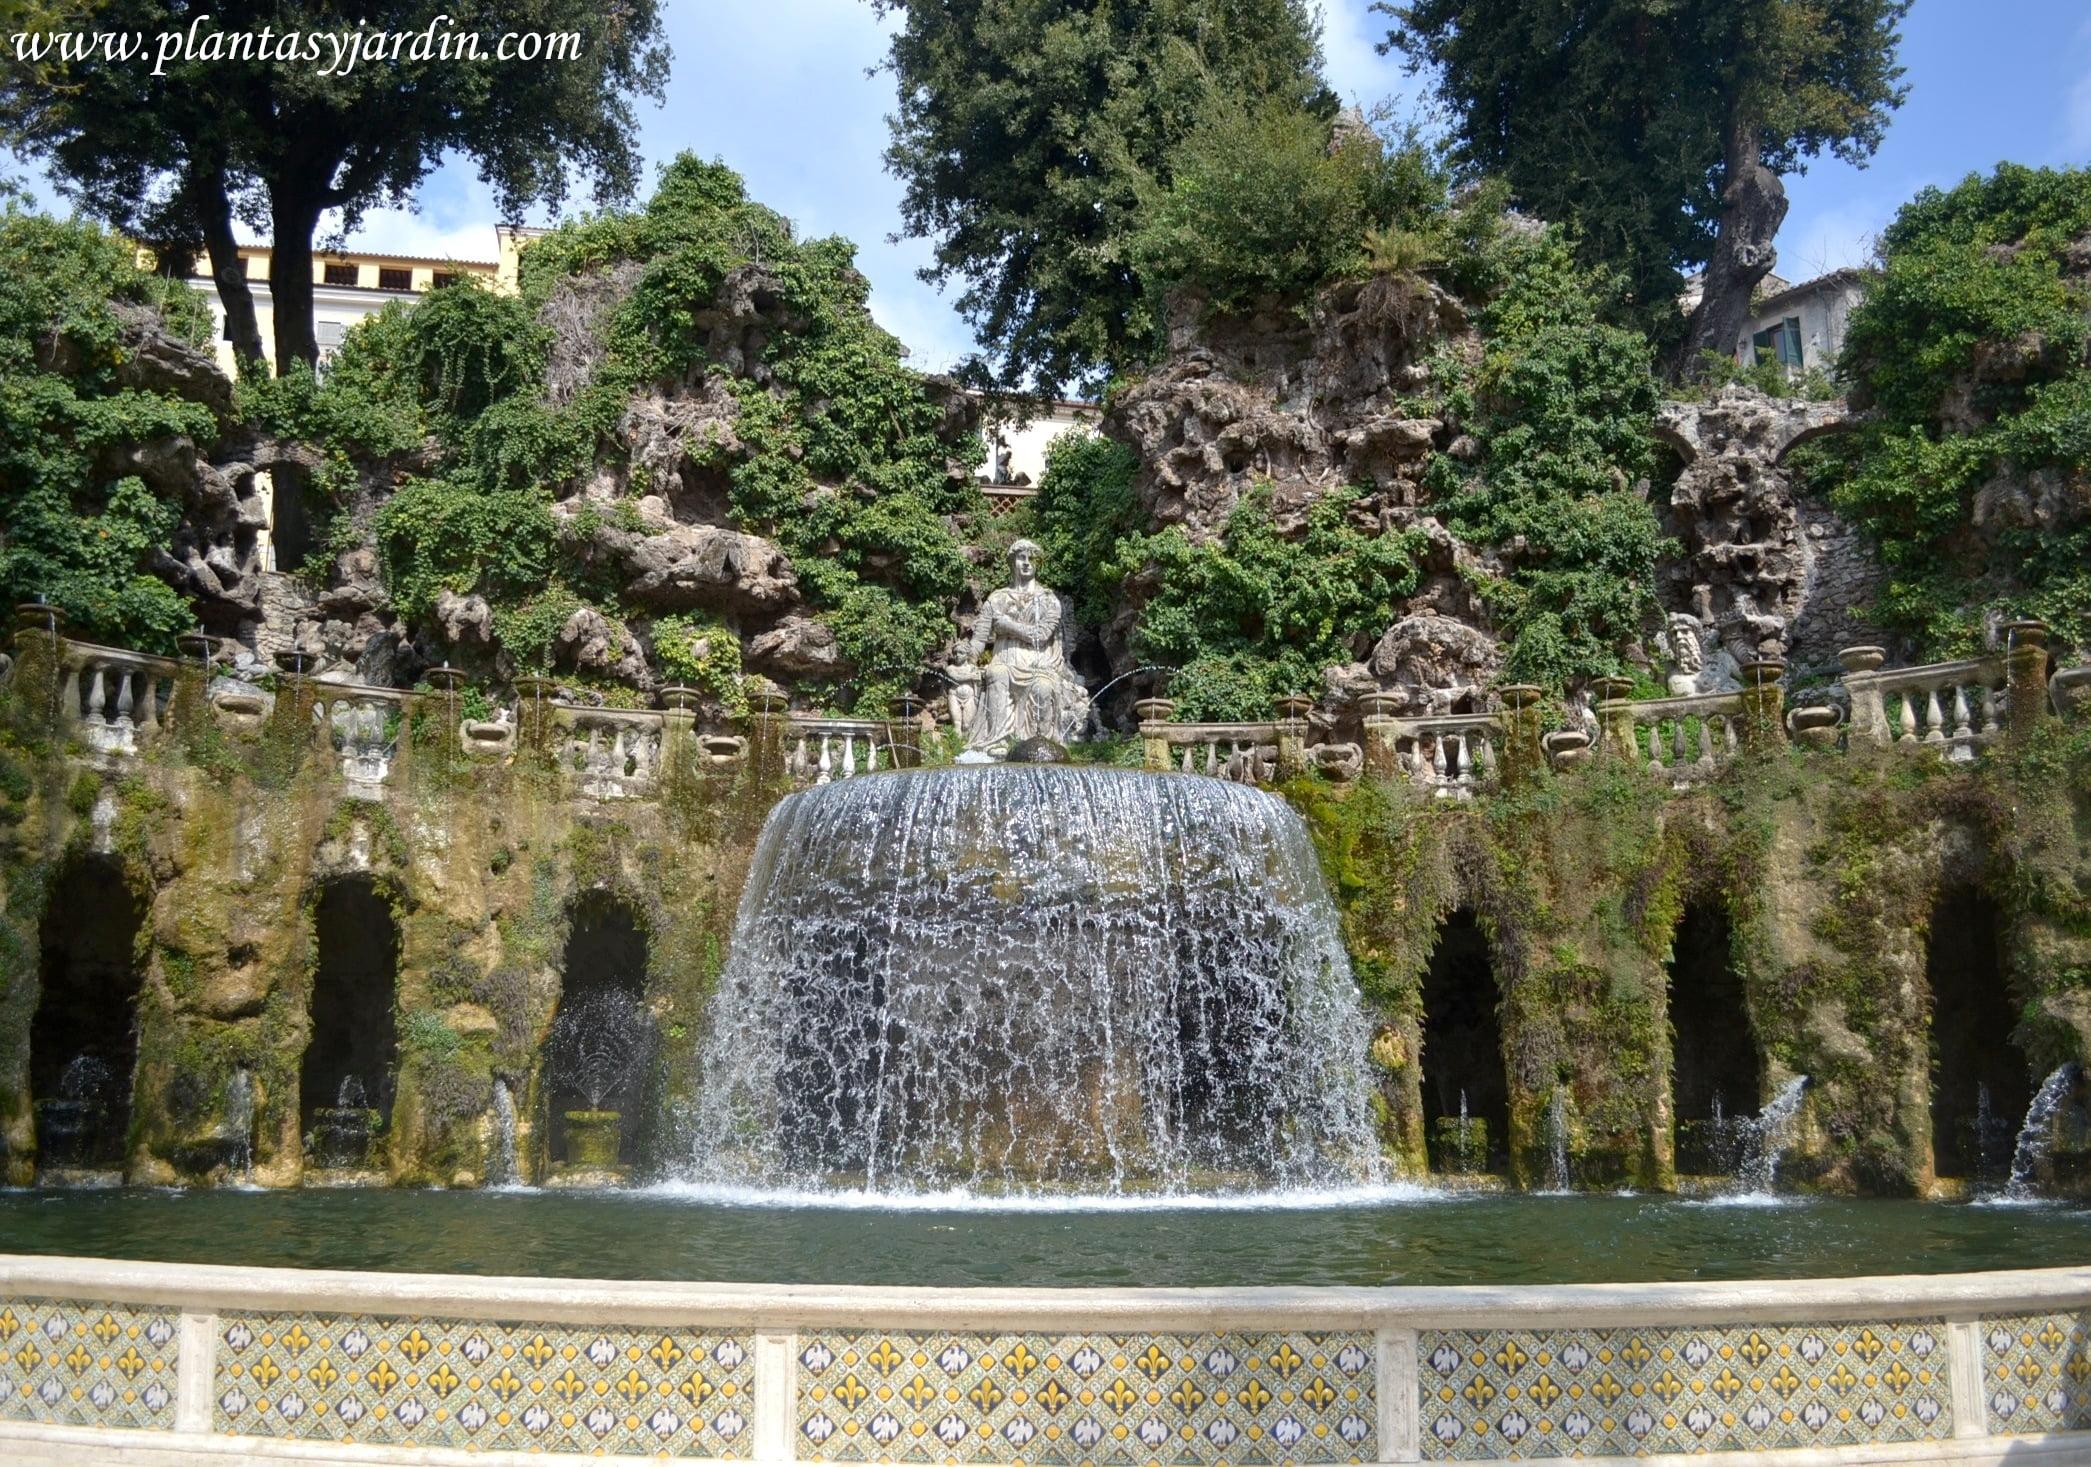 Fuente de Tivoli o del Ovario en Villa d'Este, jardines manieristas